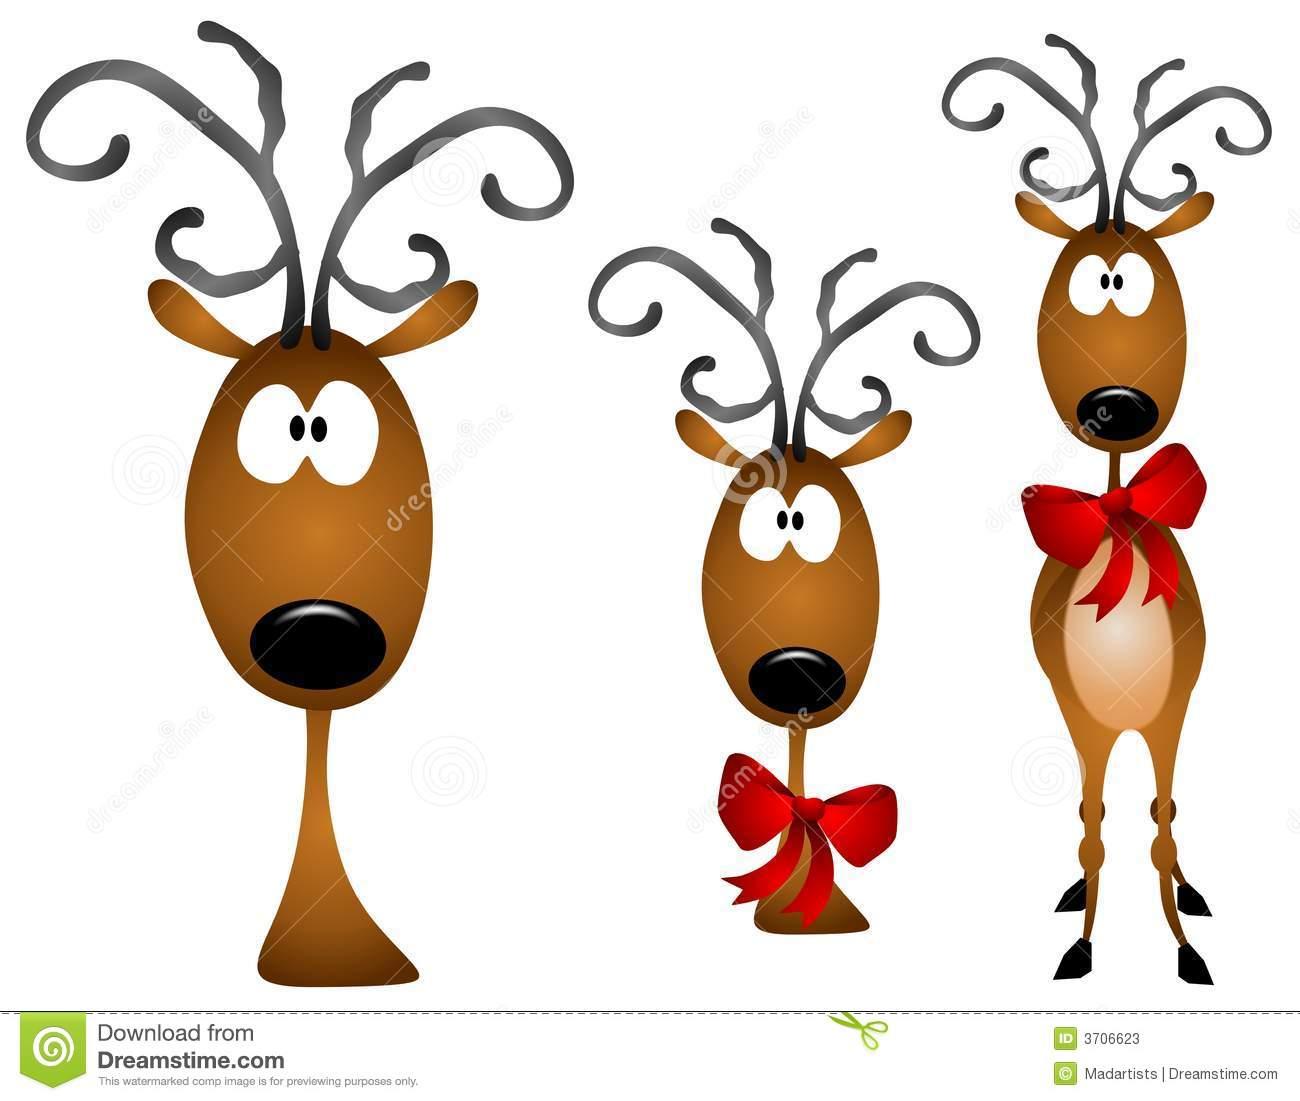 cute reindeer clipart at getdrawings com free for personal use rh getdrawings com reindeer clipart free vector free printable reindeer clip art